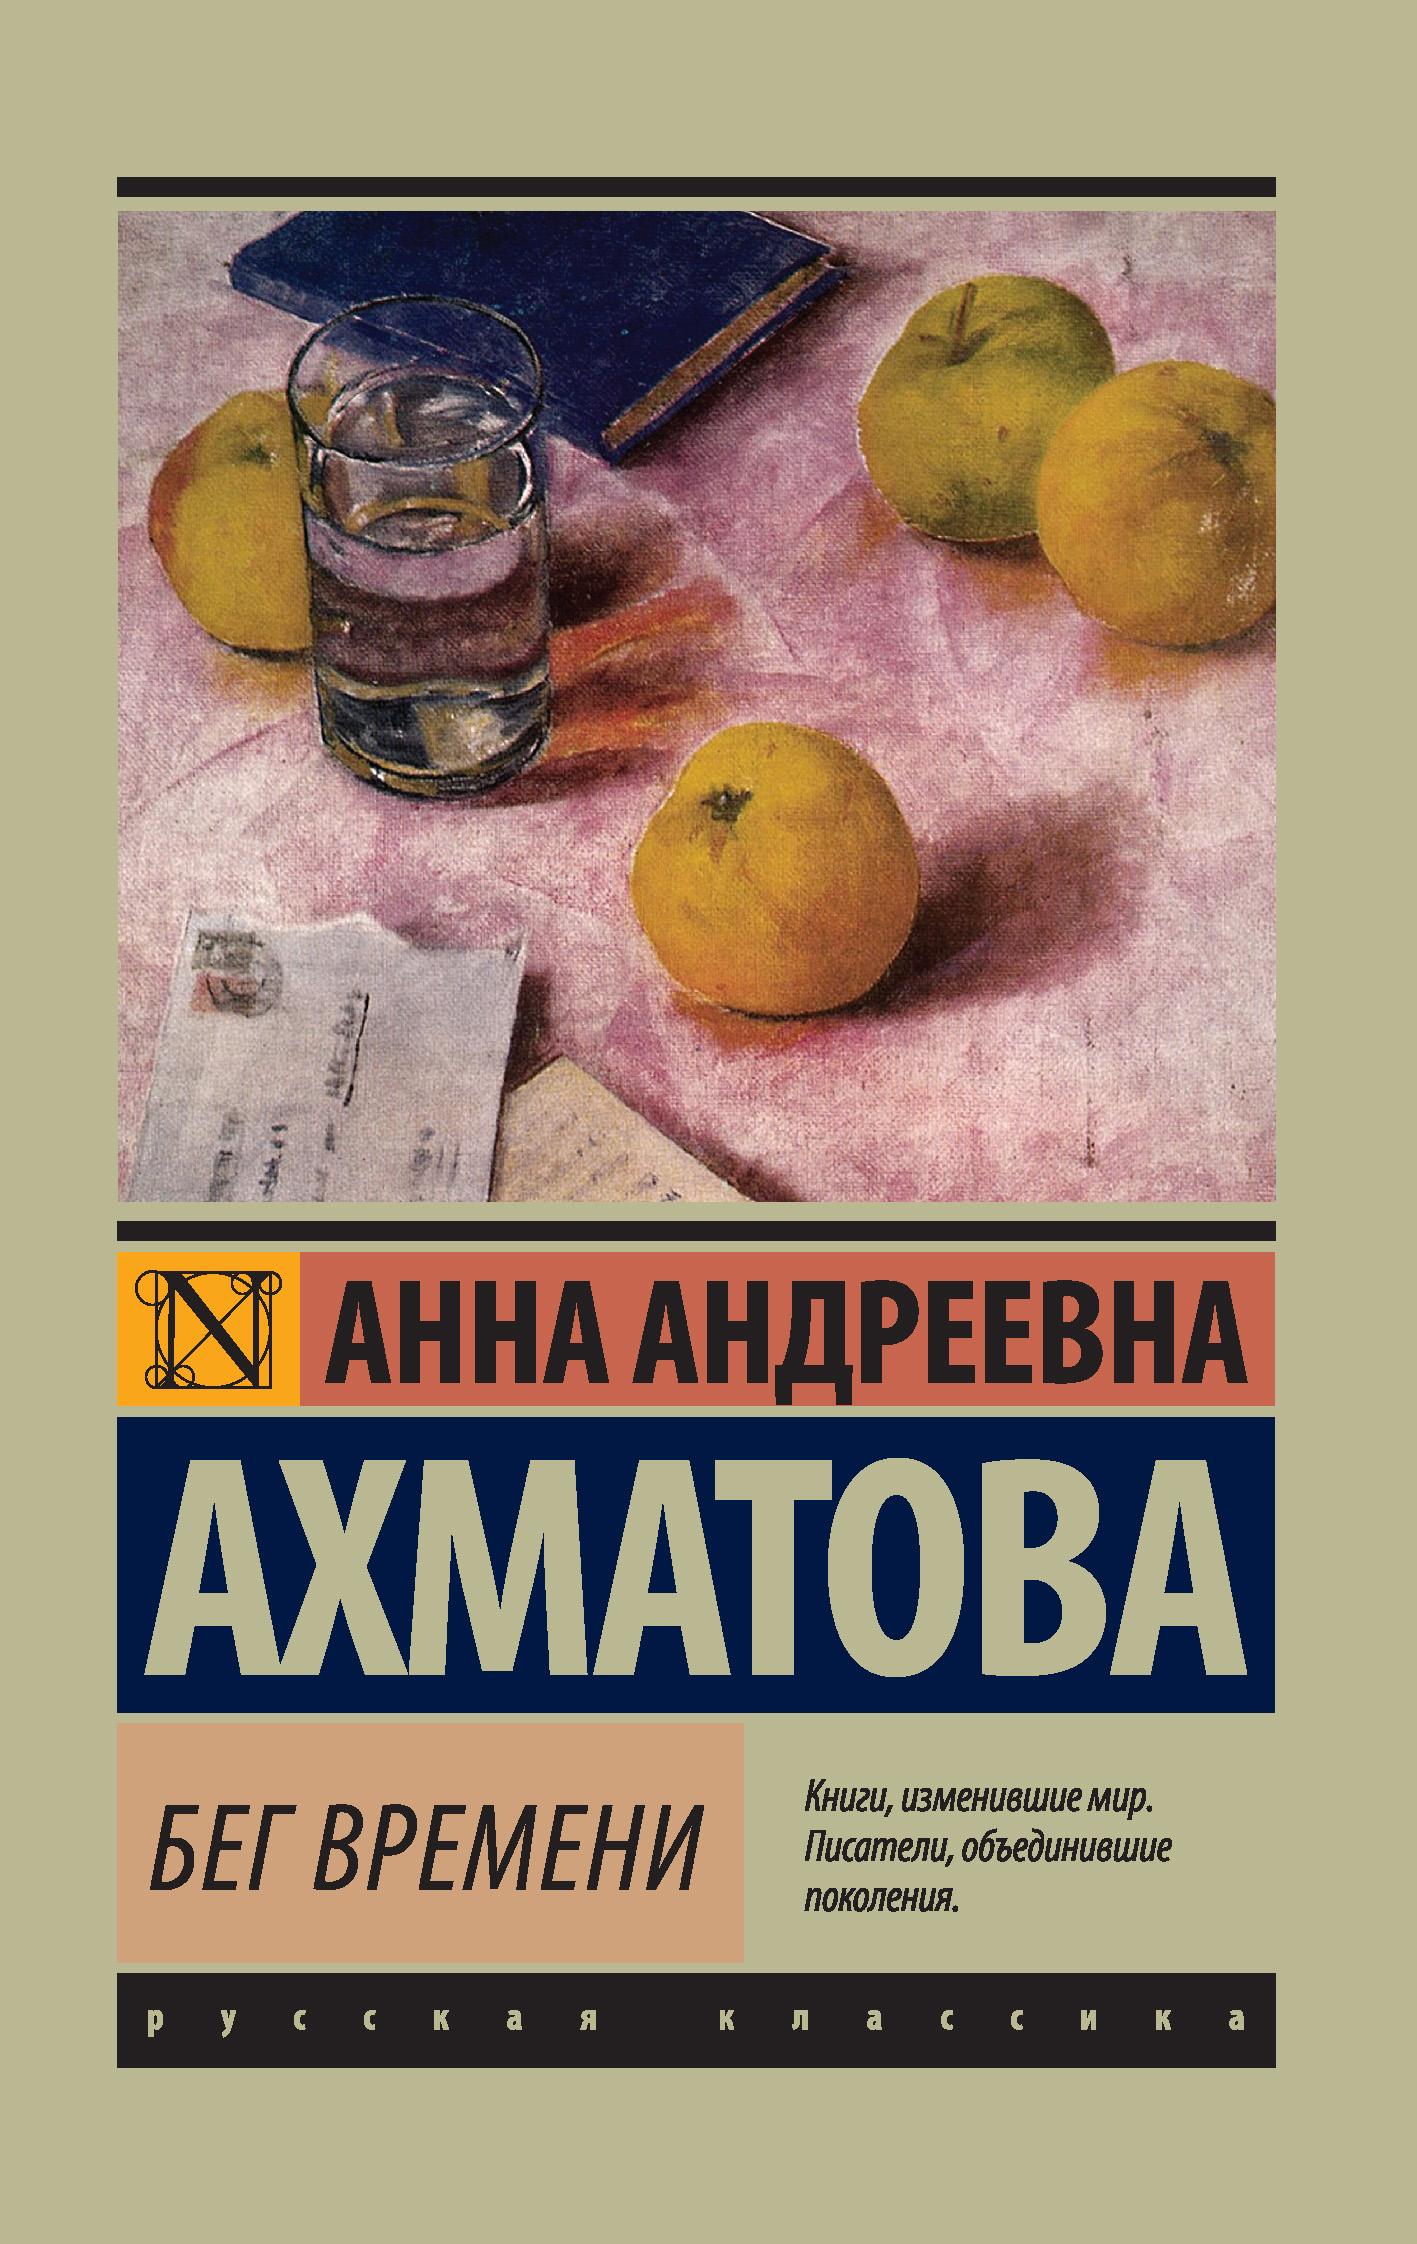 Анна Ахматова Бег времени (сборник) ахматова поэма без героя 2019 01 15t20 00